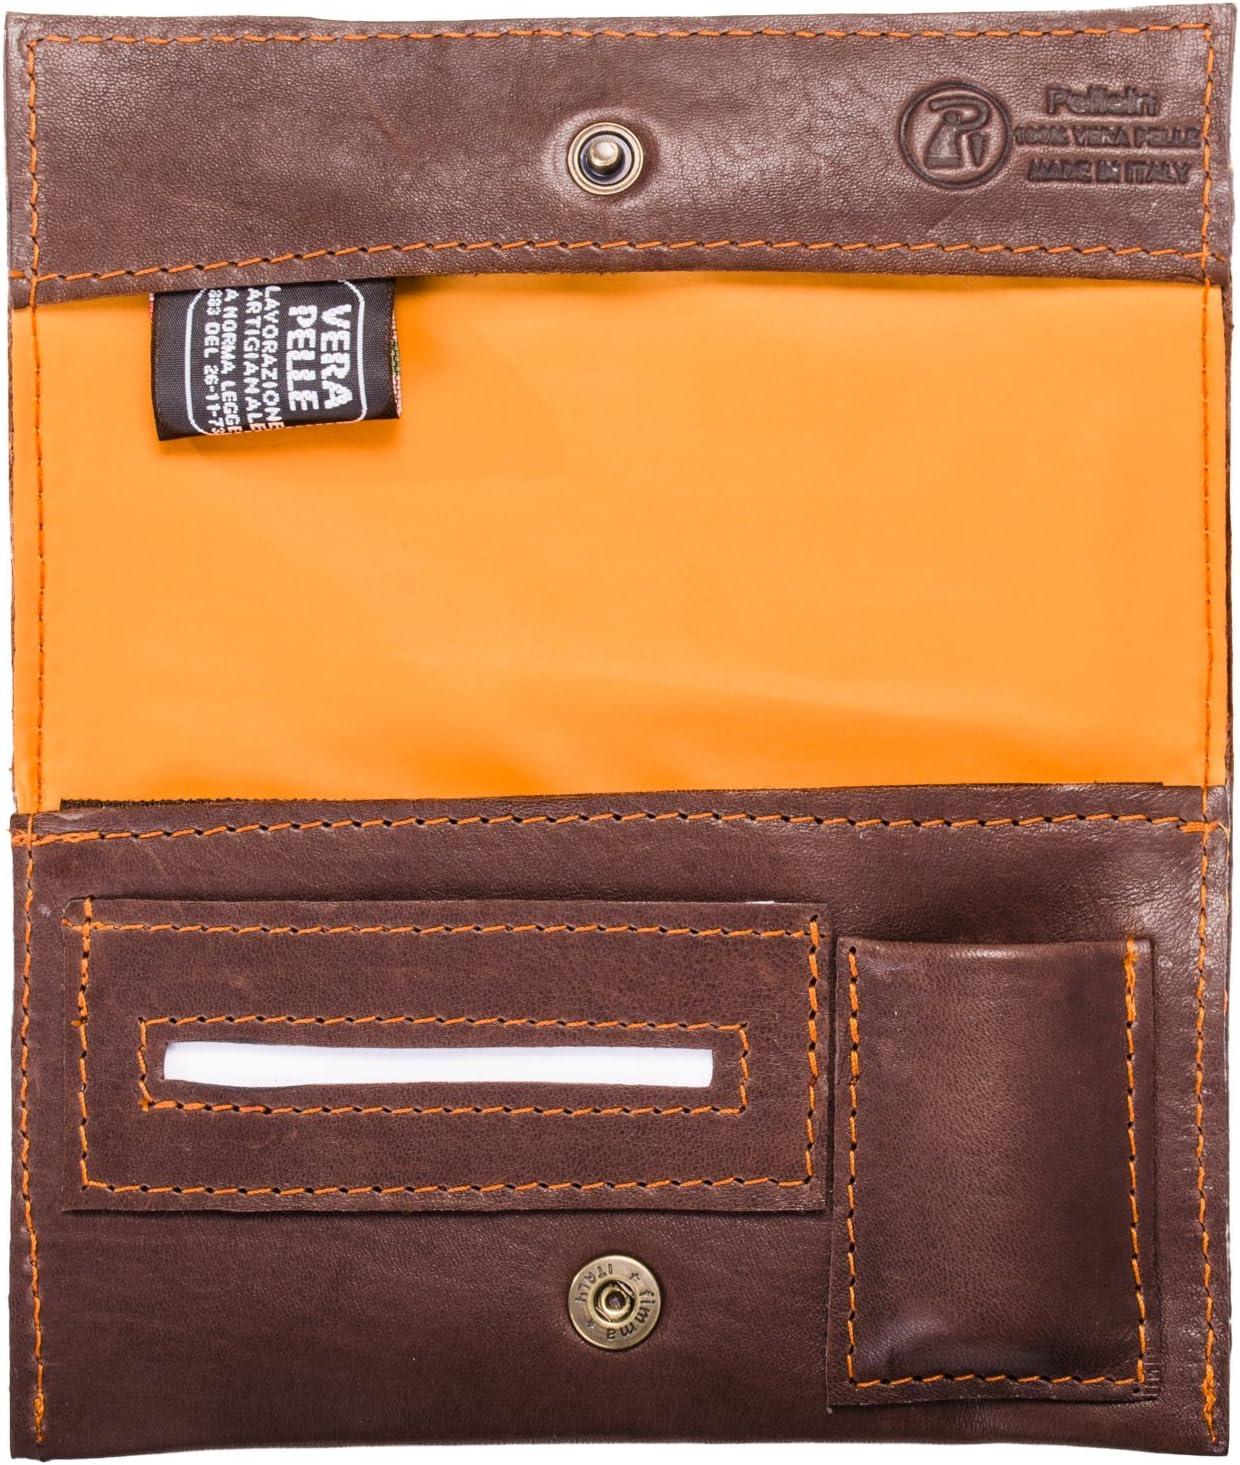 Pellein - Portatabaco de piel auténtica Nurem – Estuche para tabaco, portafiltros, portarrollos y porta mechero. Hecho a mano en Italia.